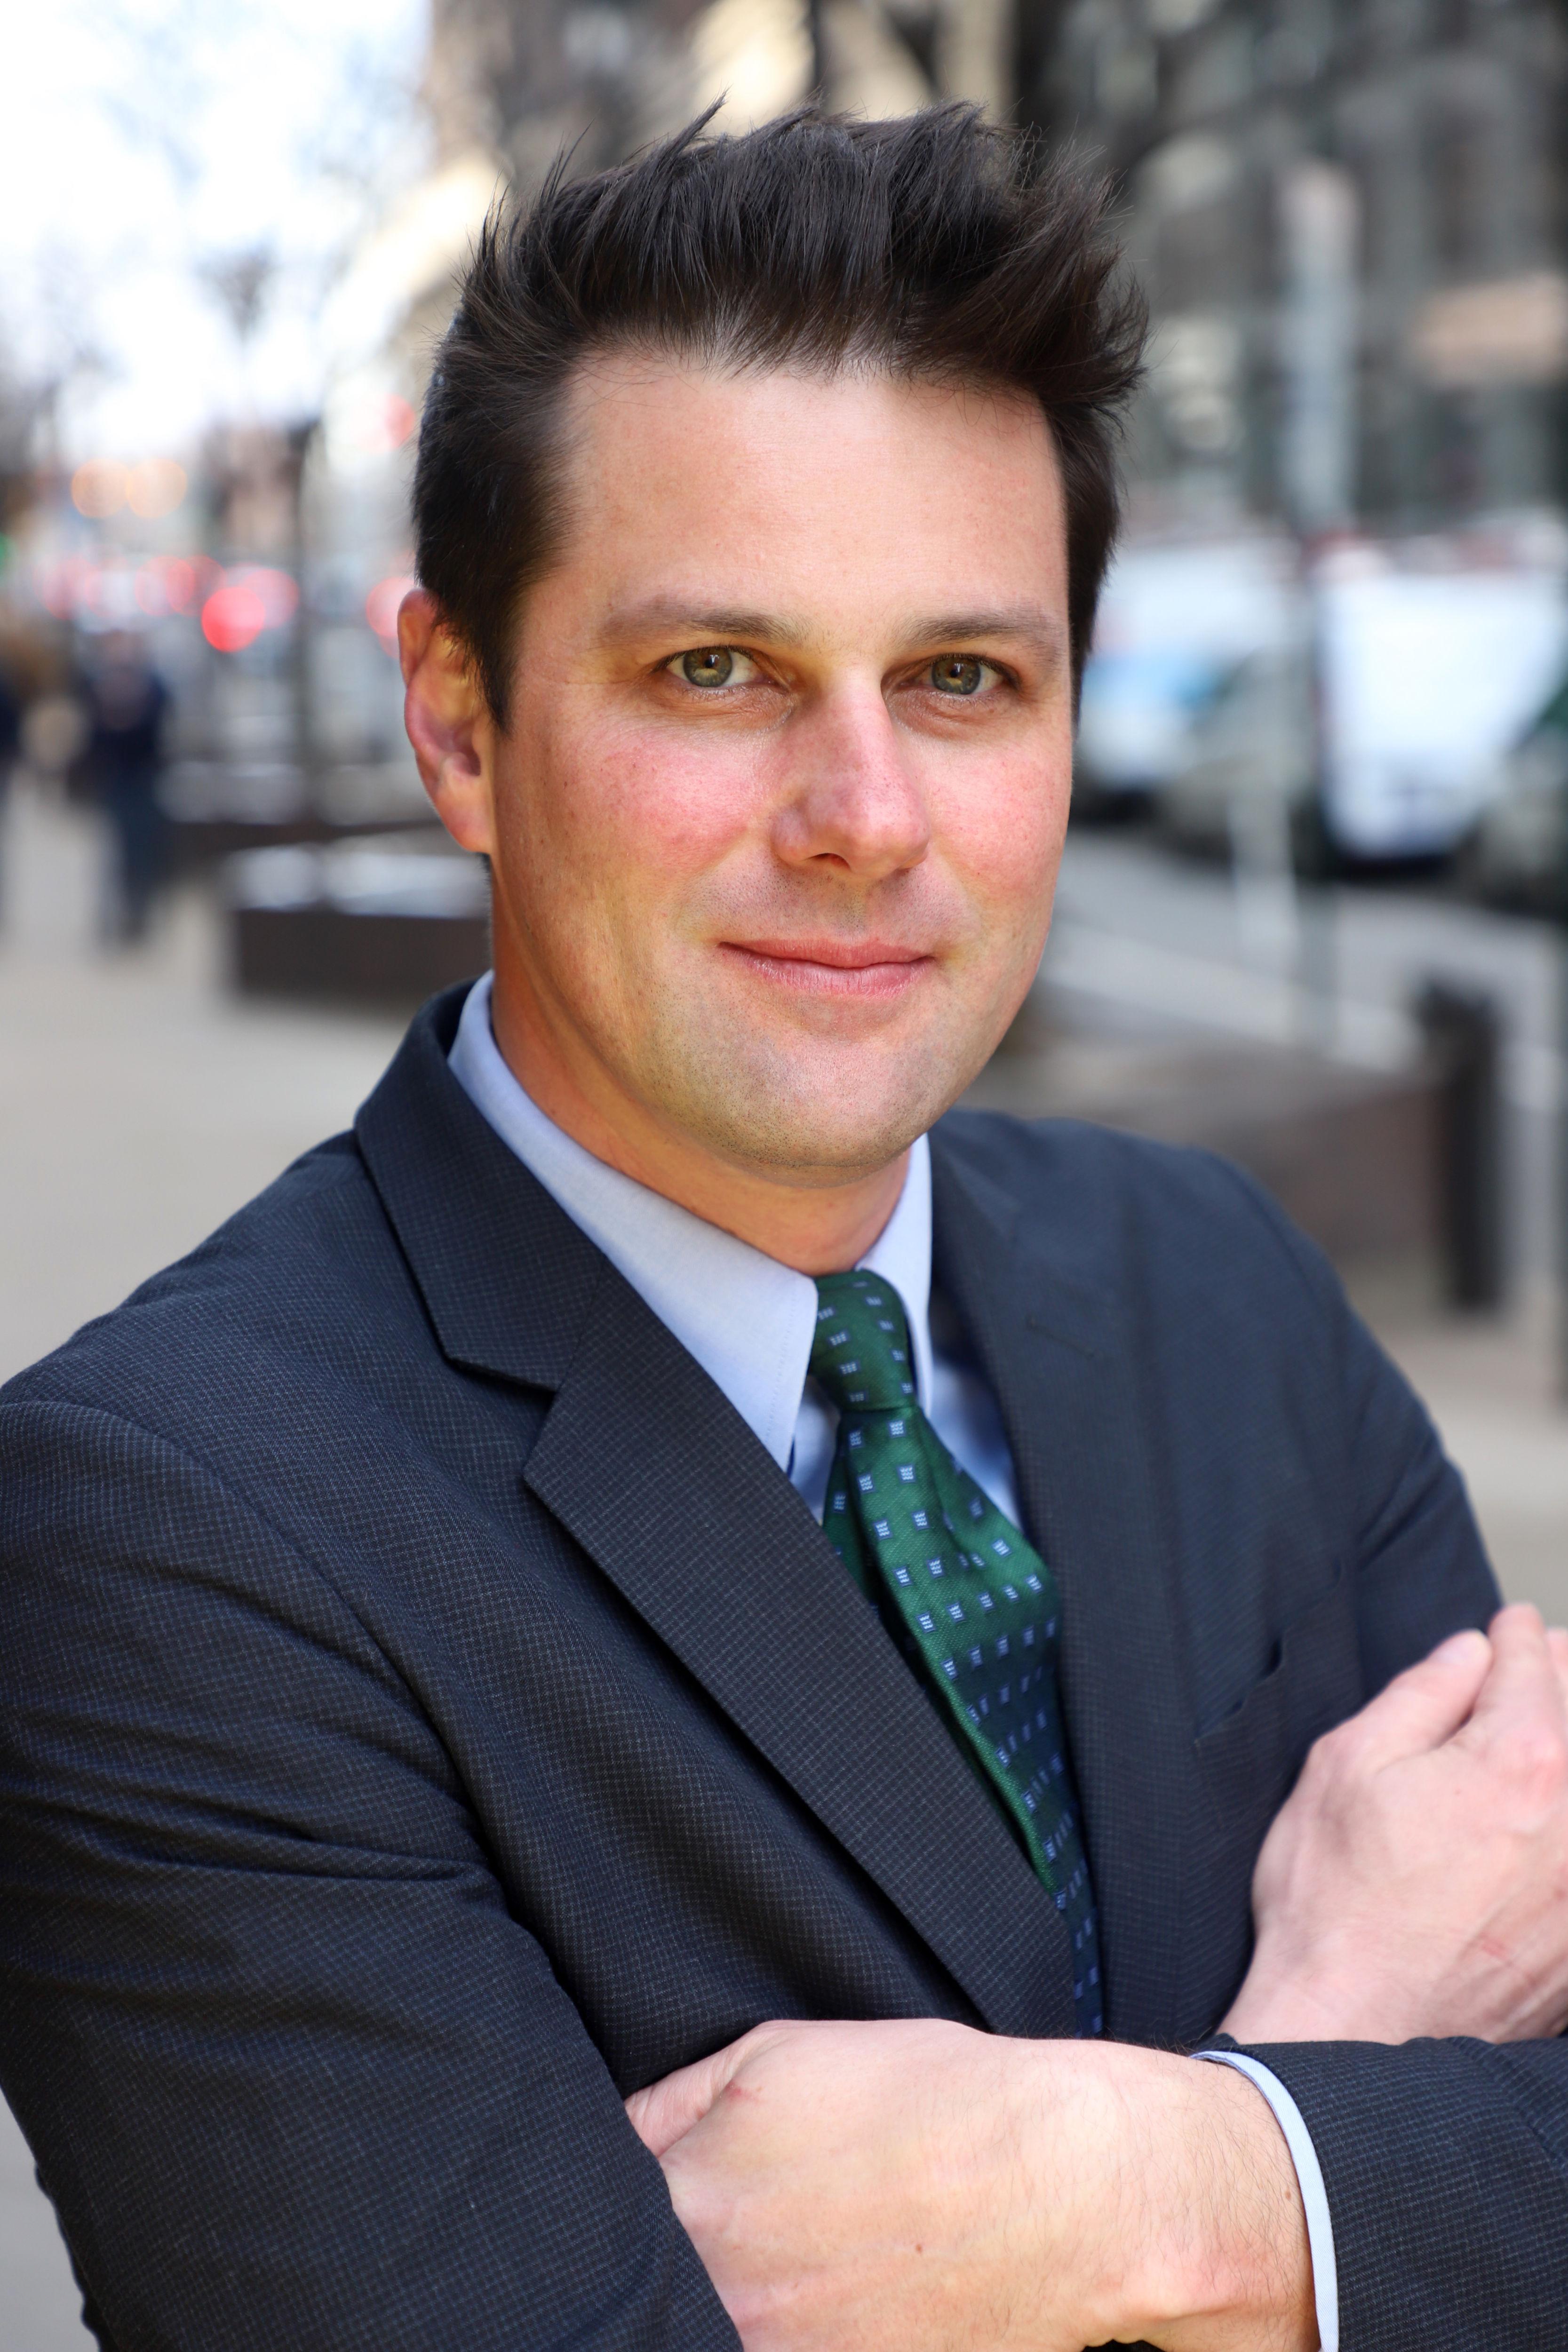 Justin J. Boron